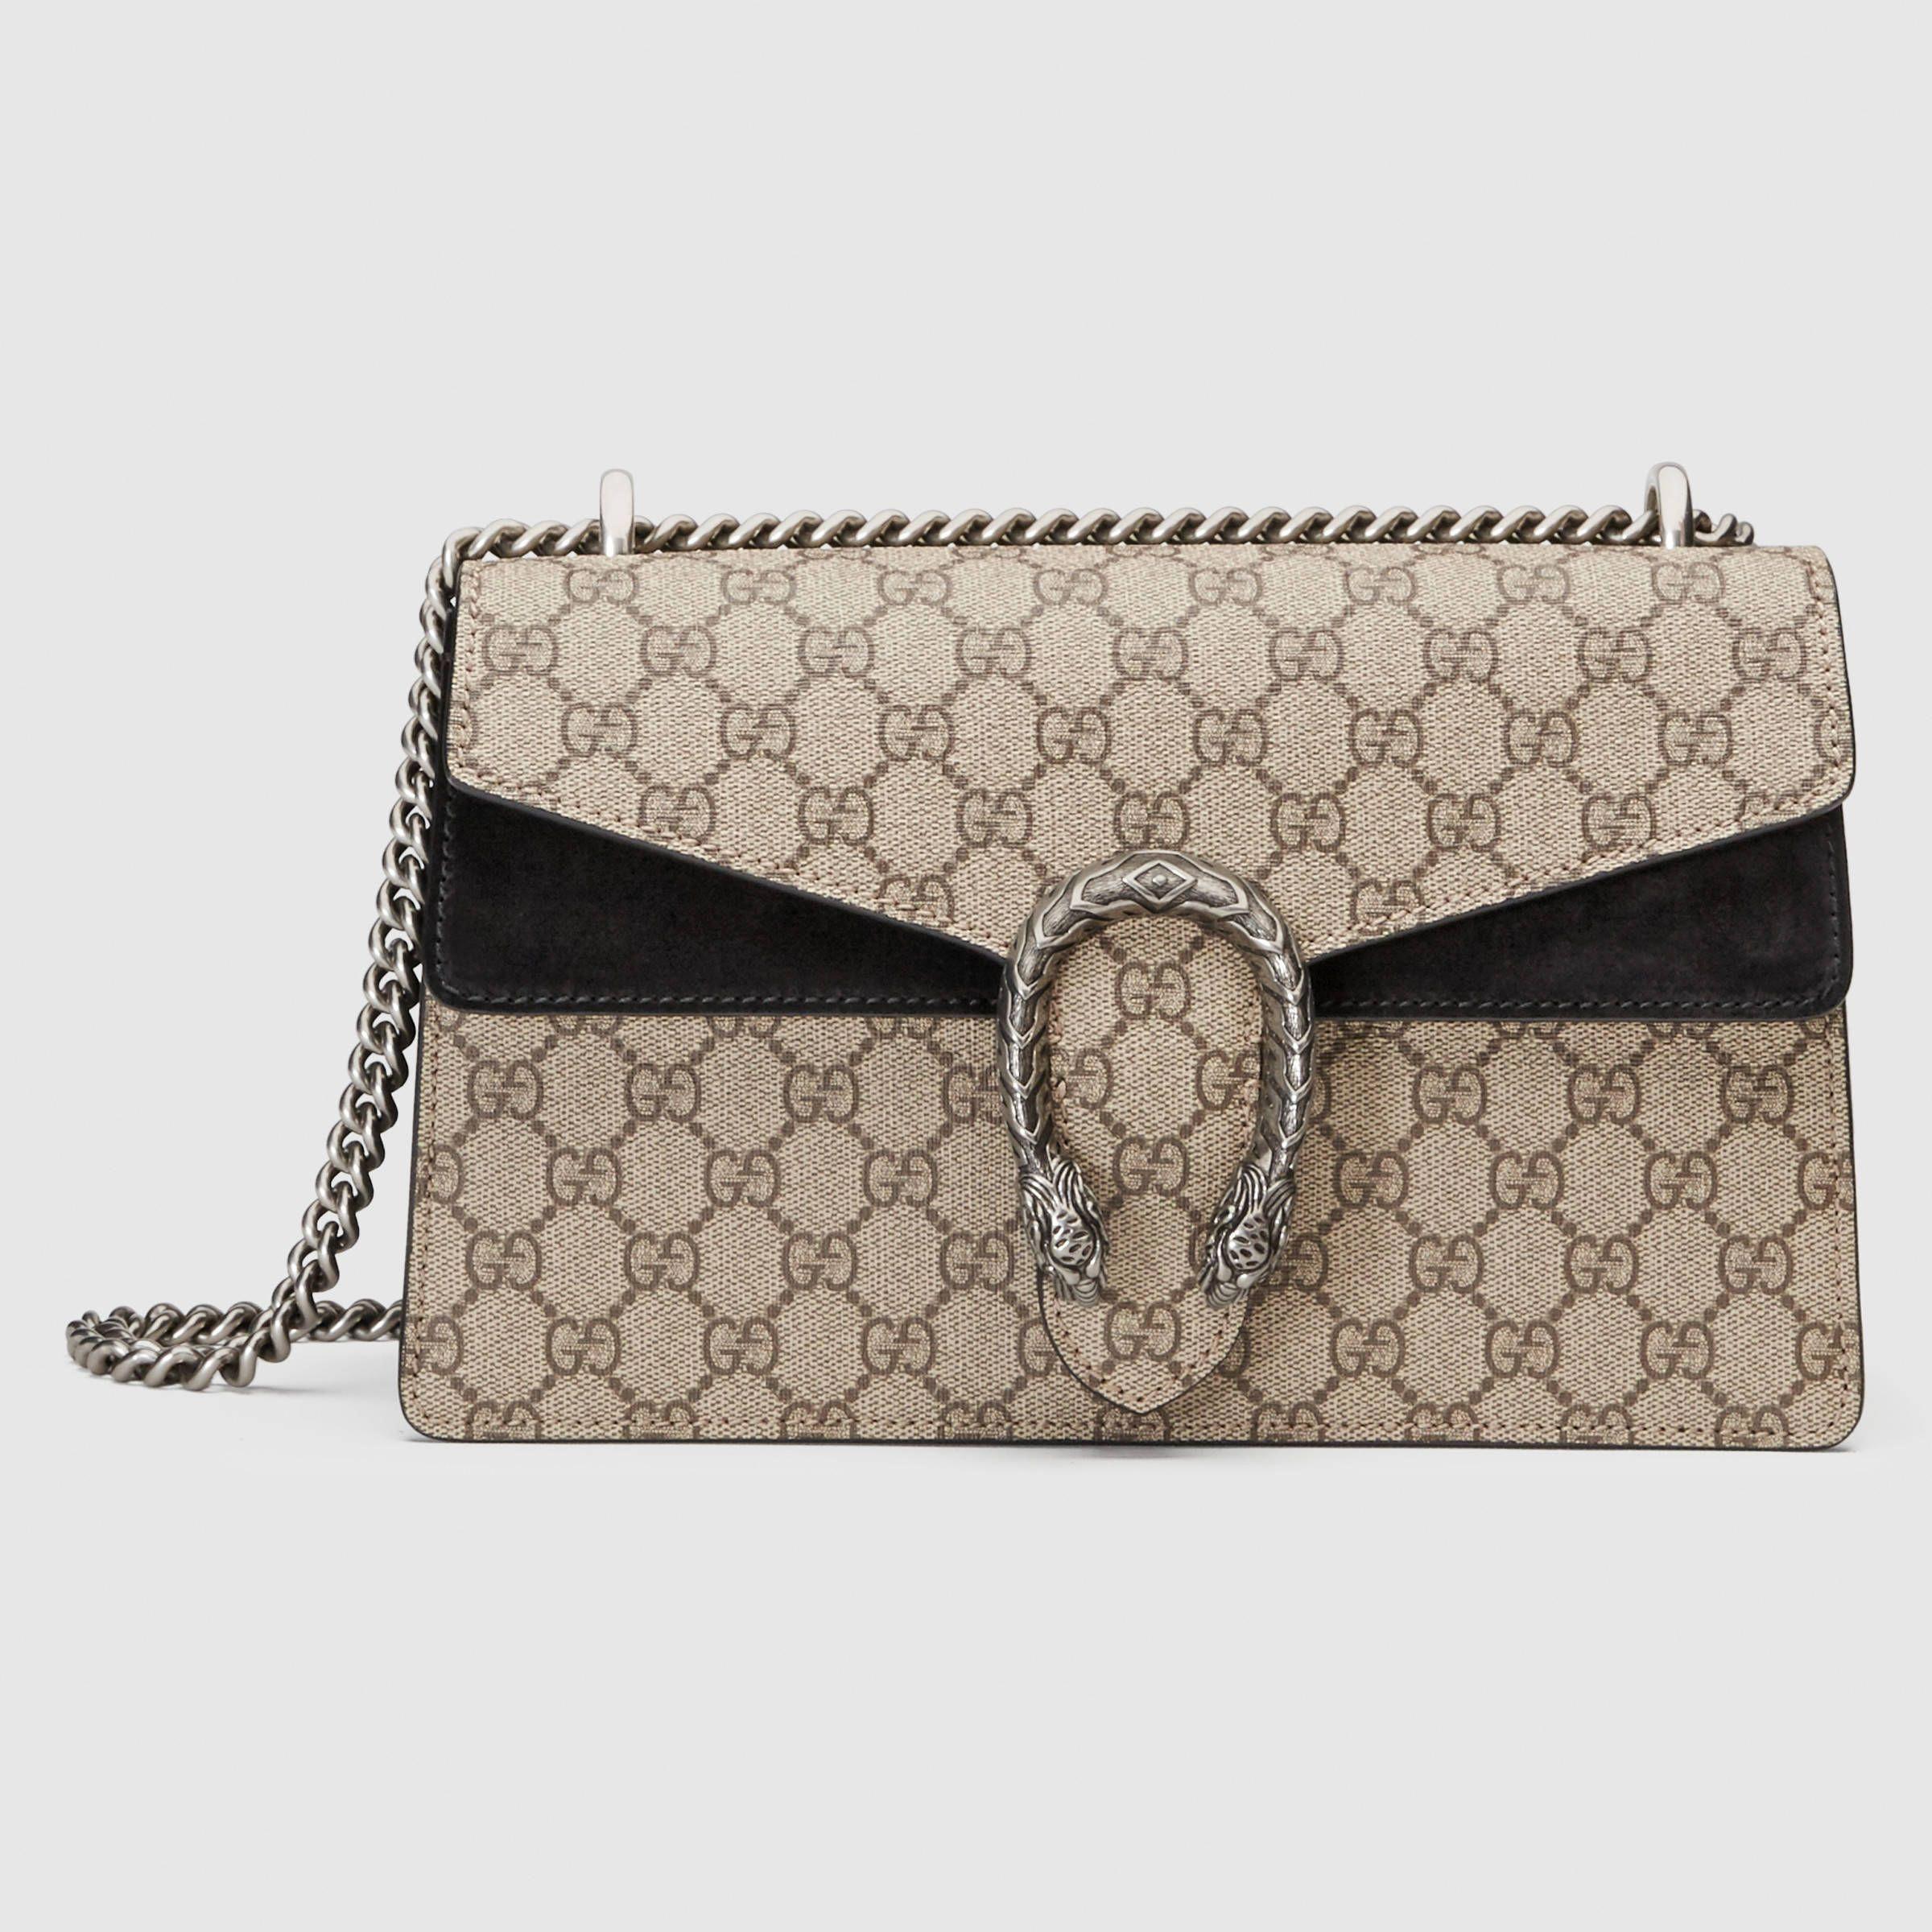 9a393f6da1 gucci handbags harvey nichols #Guccihandbags | Gucci handbags in ...